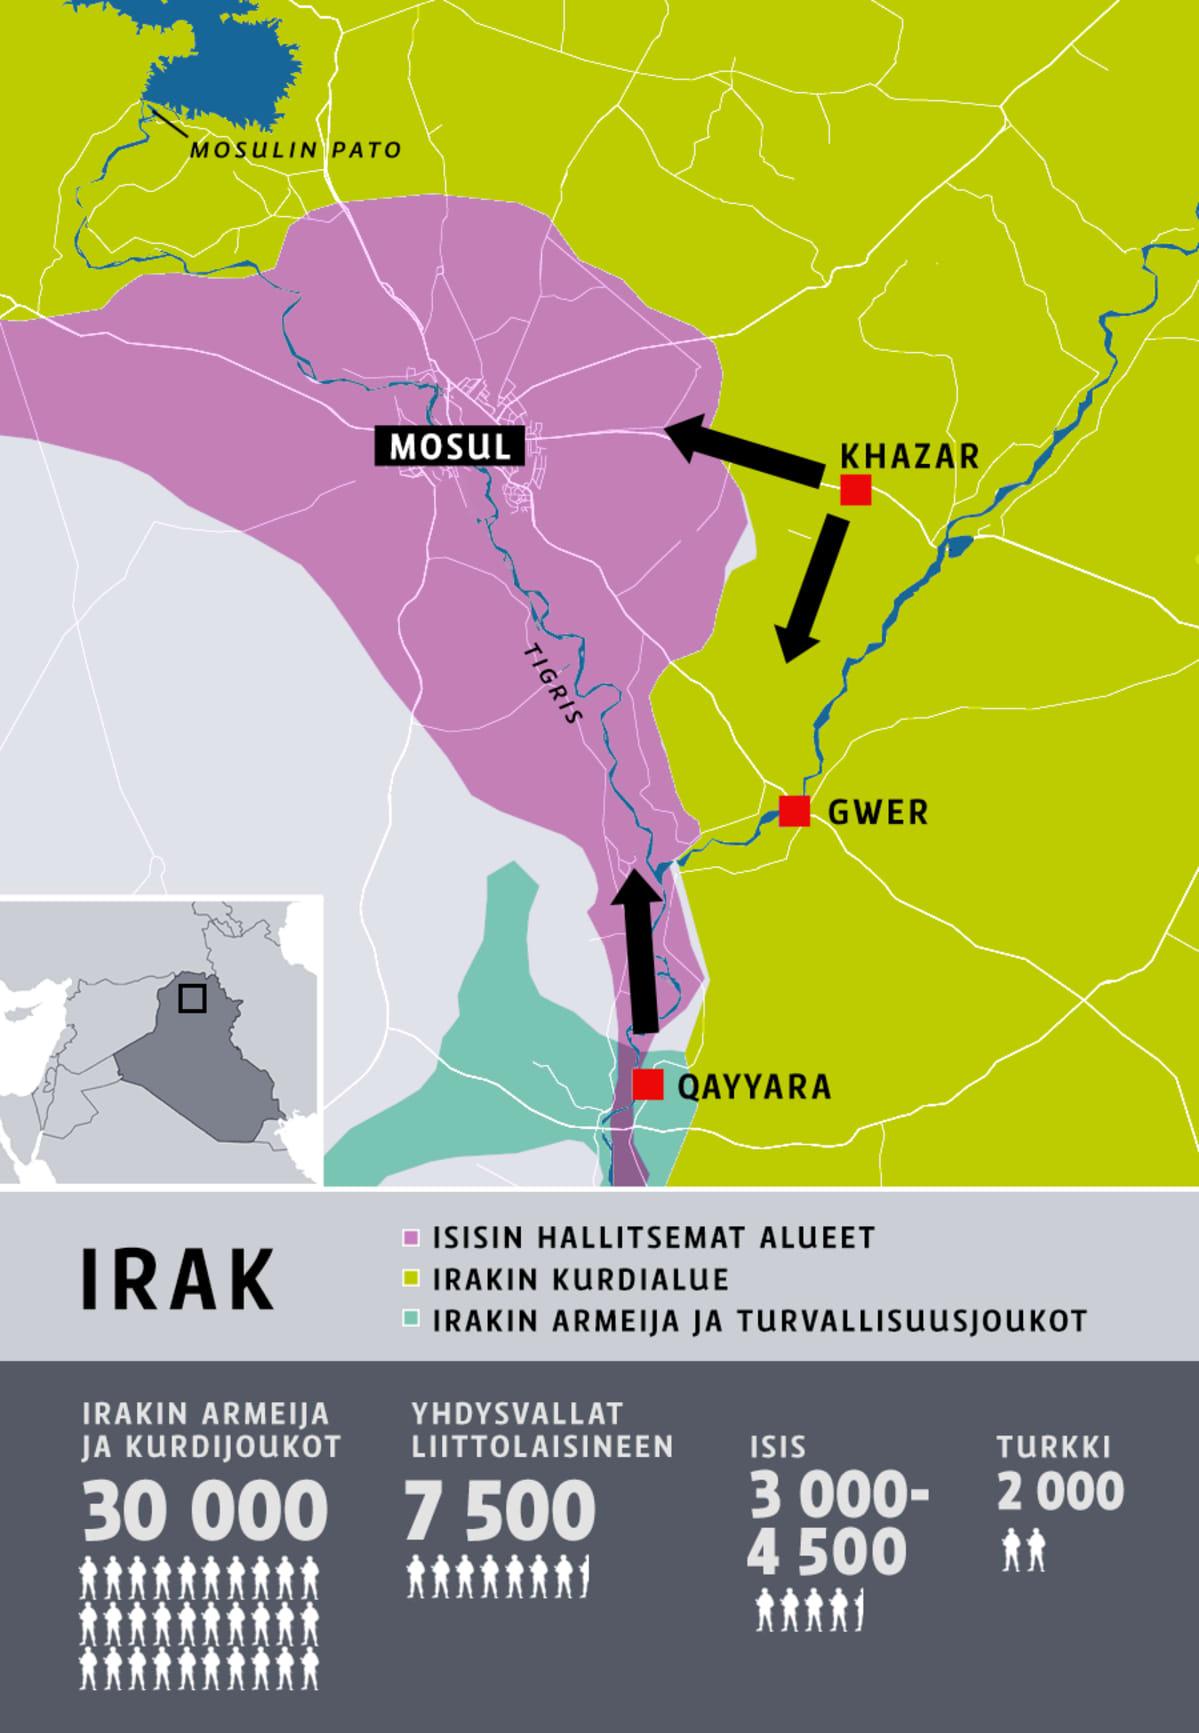 Sotilaallisten joukkojen tilanne Mosulin ympäristössä